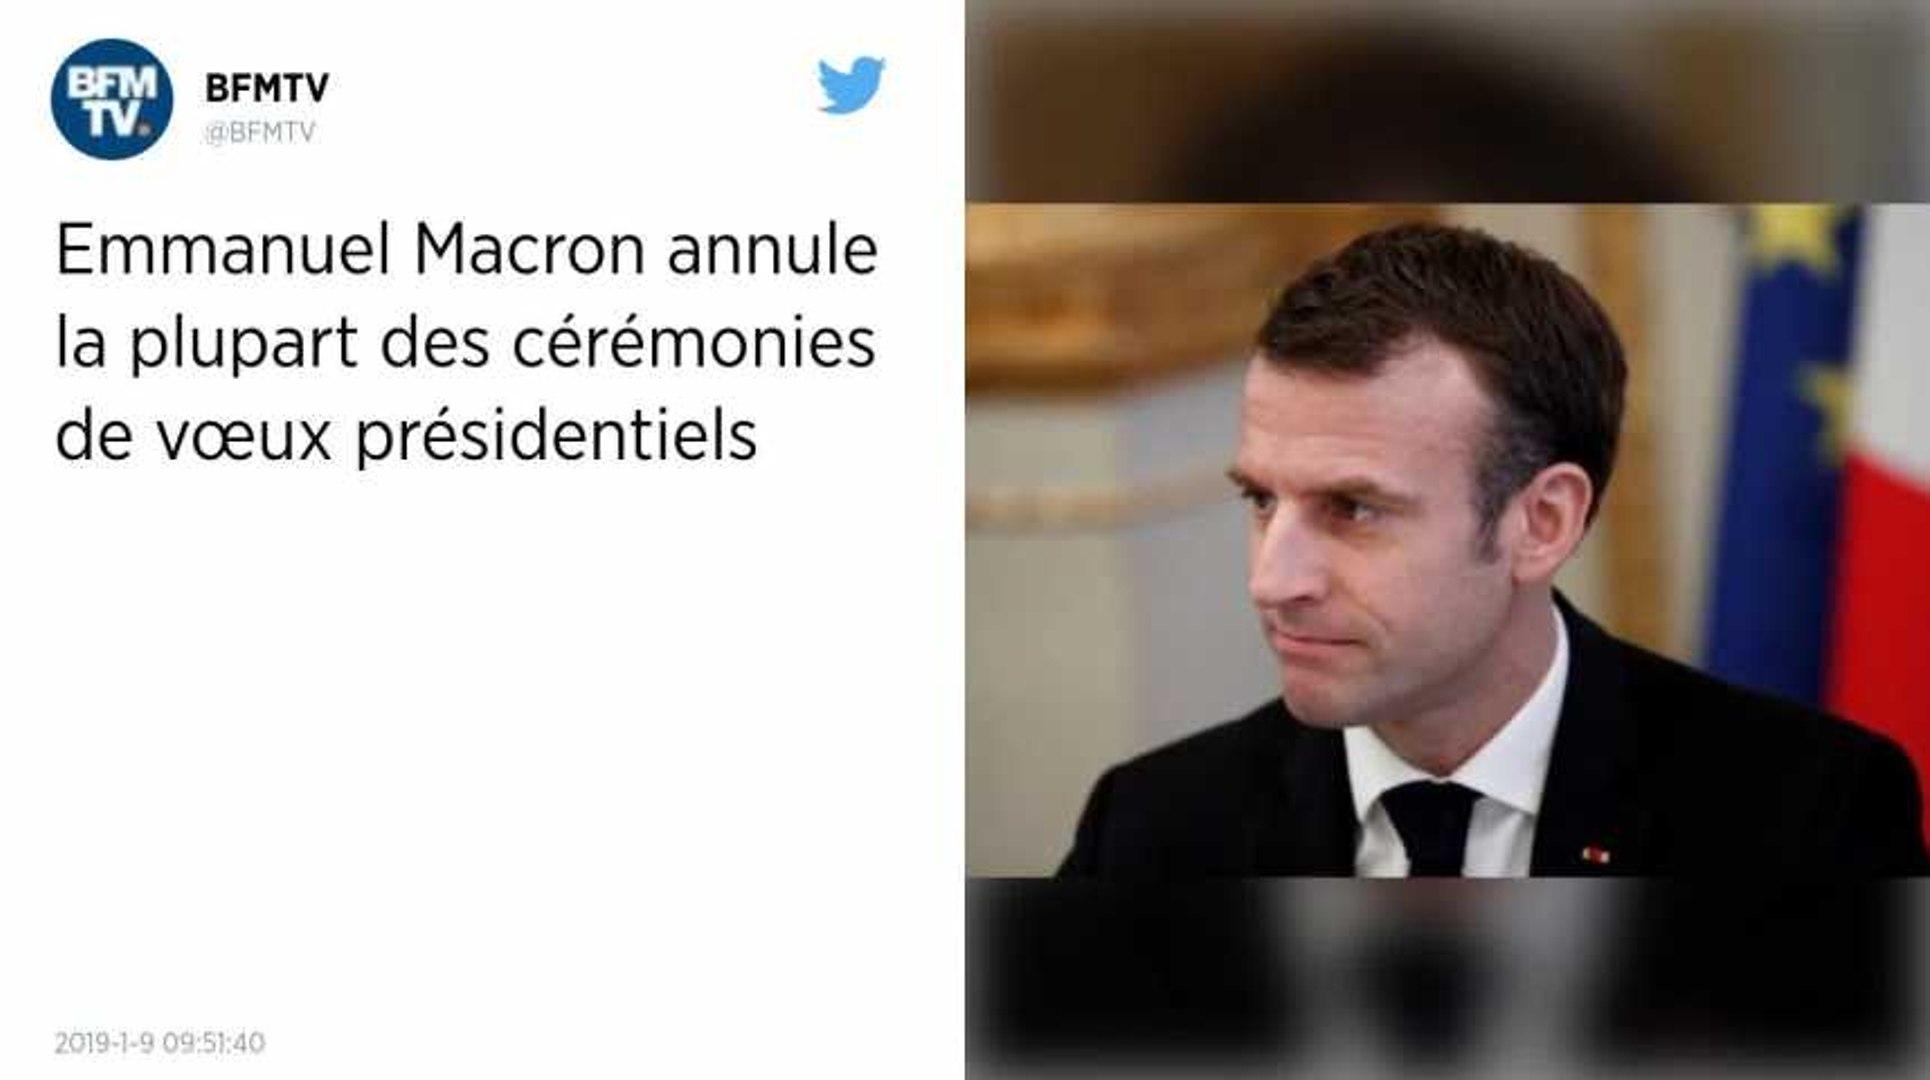 Emmanuel Macron Supprime Ses Ceremonies De Vœux Pour Se Concentrer Sur Le Grand Debat Video Dailymotion